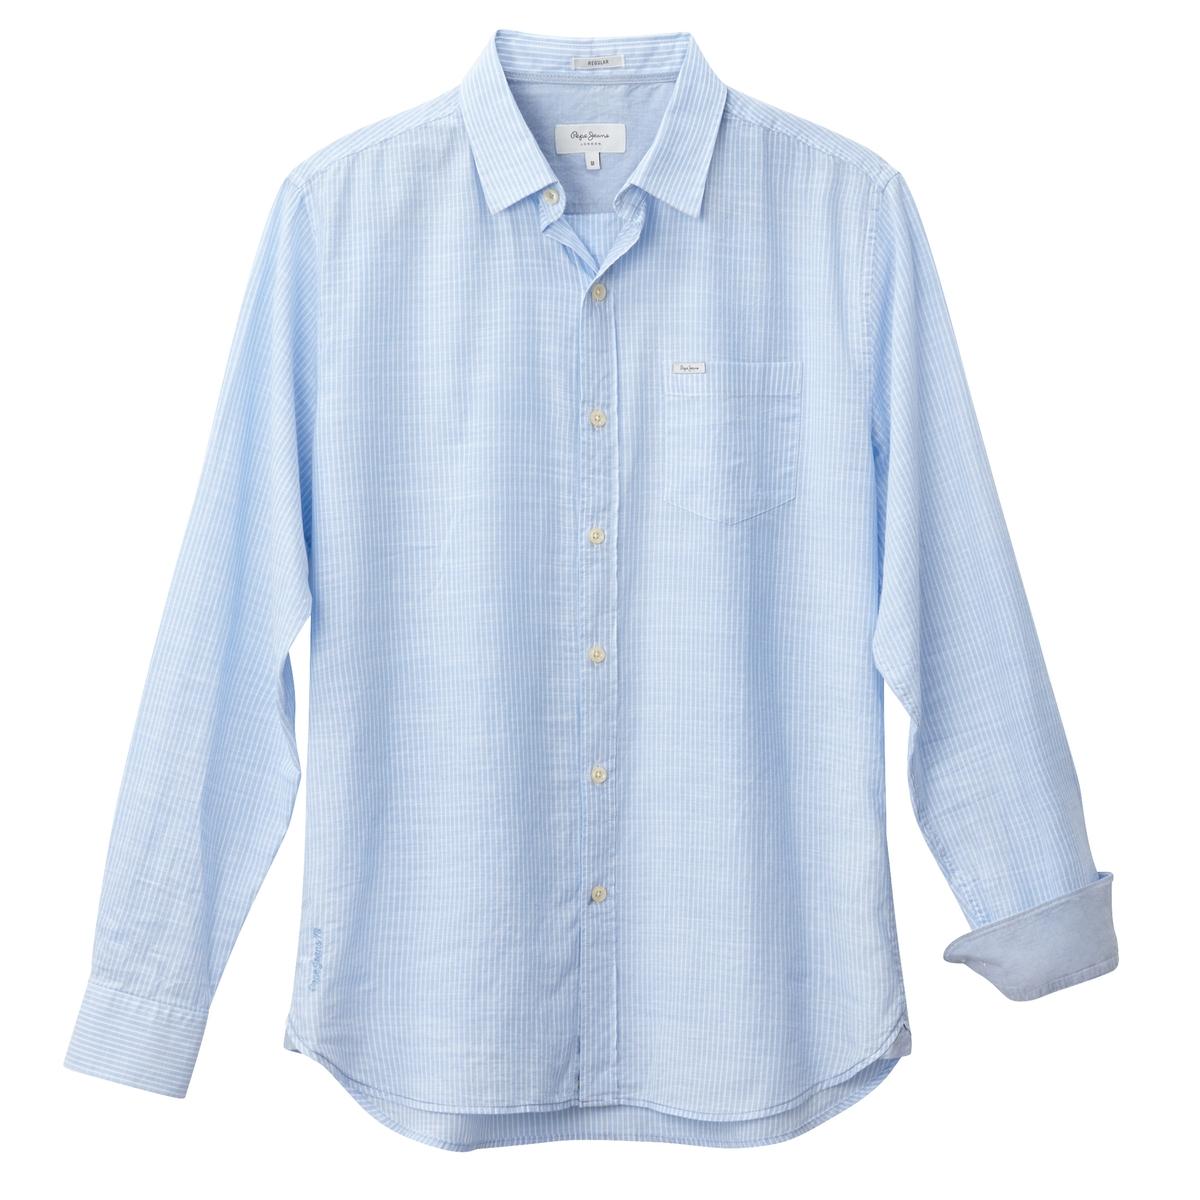 Рубашка в полоску с длинными рукавамиОписание:Детали •  Длинные рукава •  Прямой покрой •  Классический воротник •  Рисунок в полоску  Состав и уход •  100% хлопок •  Следуйте рекомендациям по уходу, указанным на этикетке изделия<br><br>Цвет: красный,синий<br>Размер: L.L.M.M